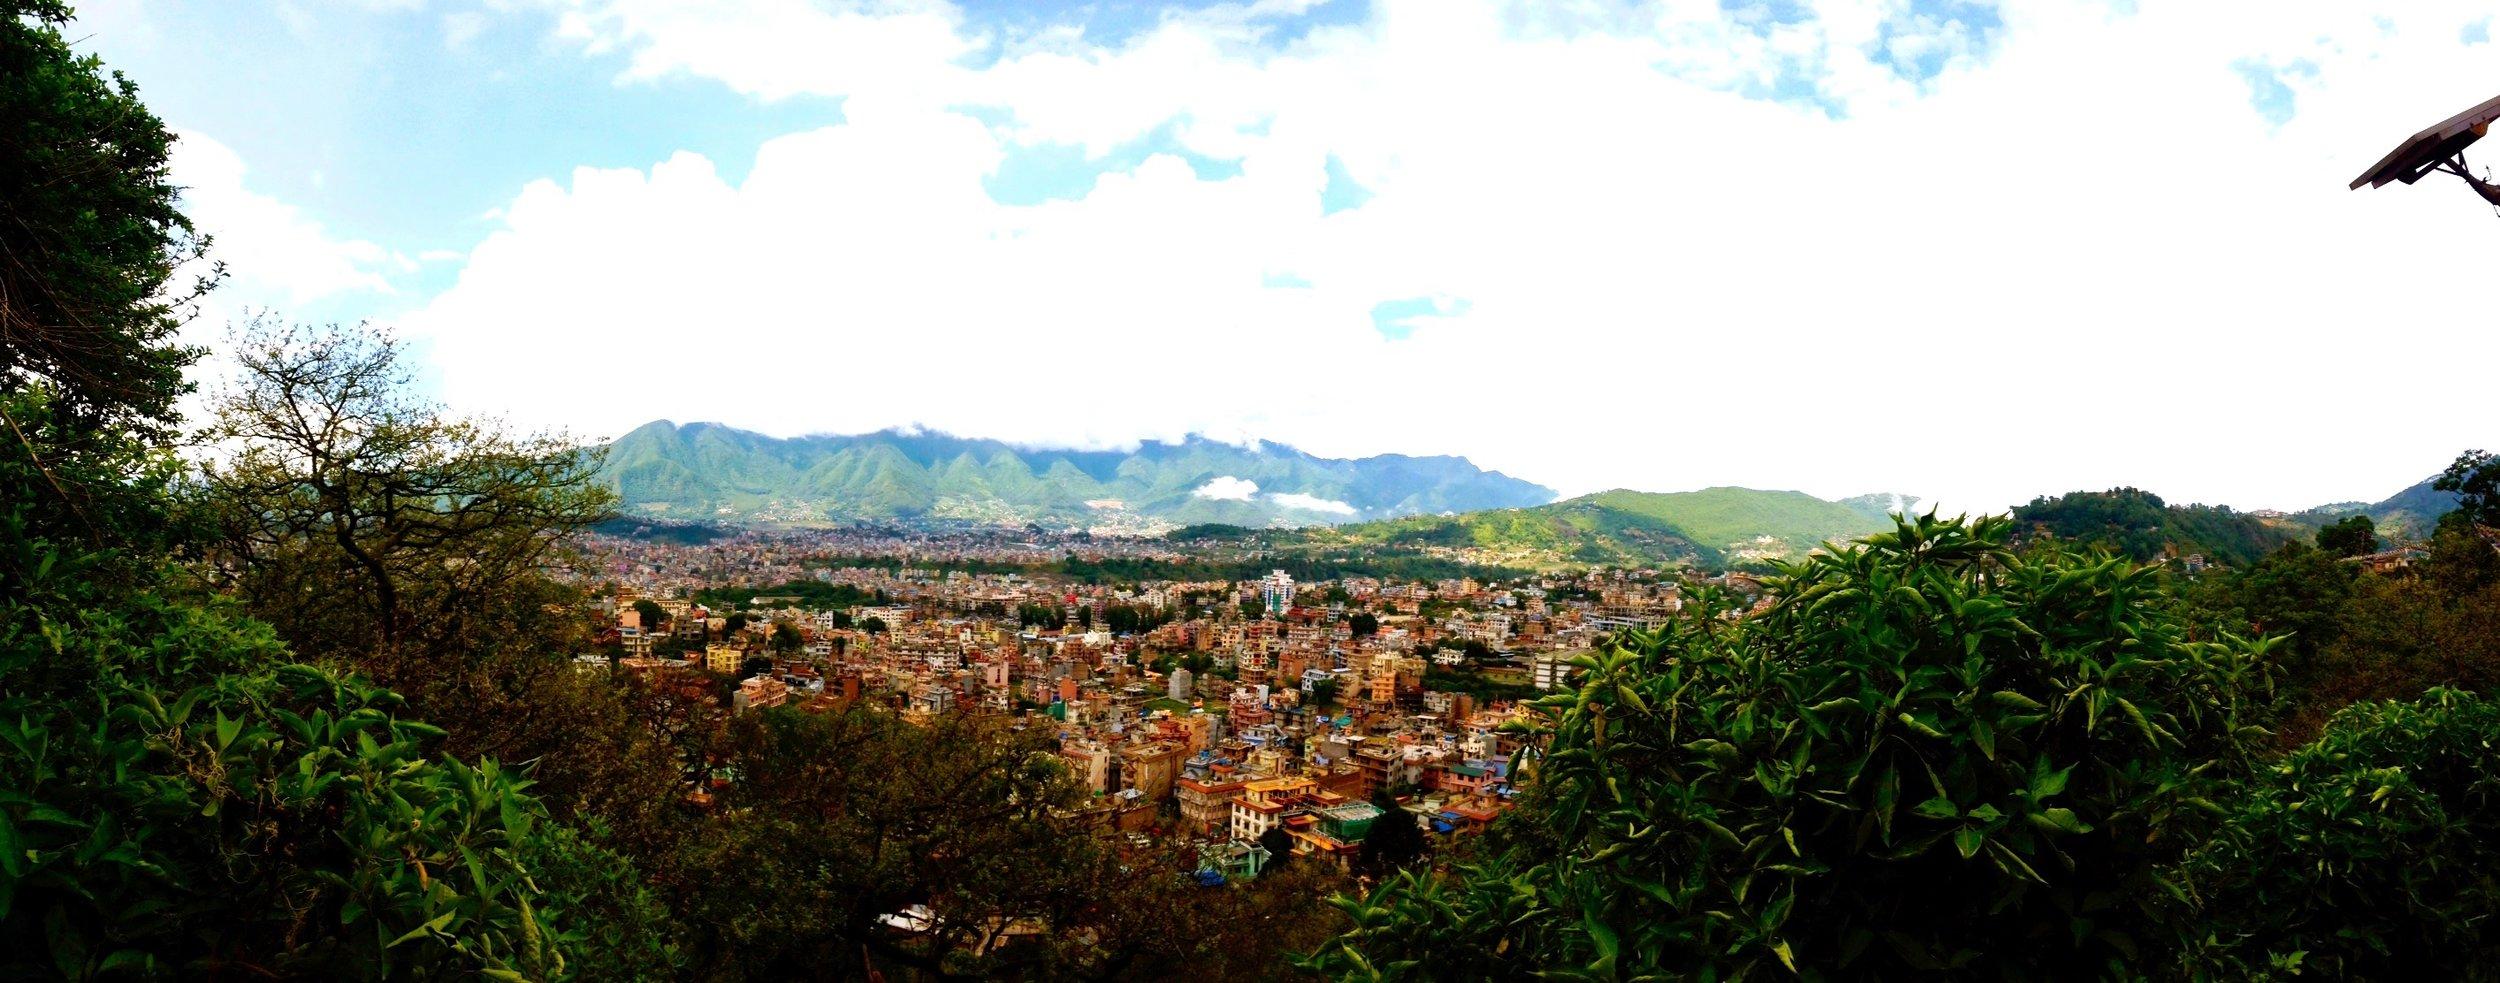 The Kathmandu Valley (Kathmandu, Nepal)